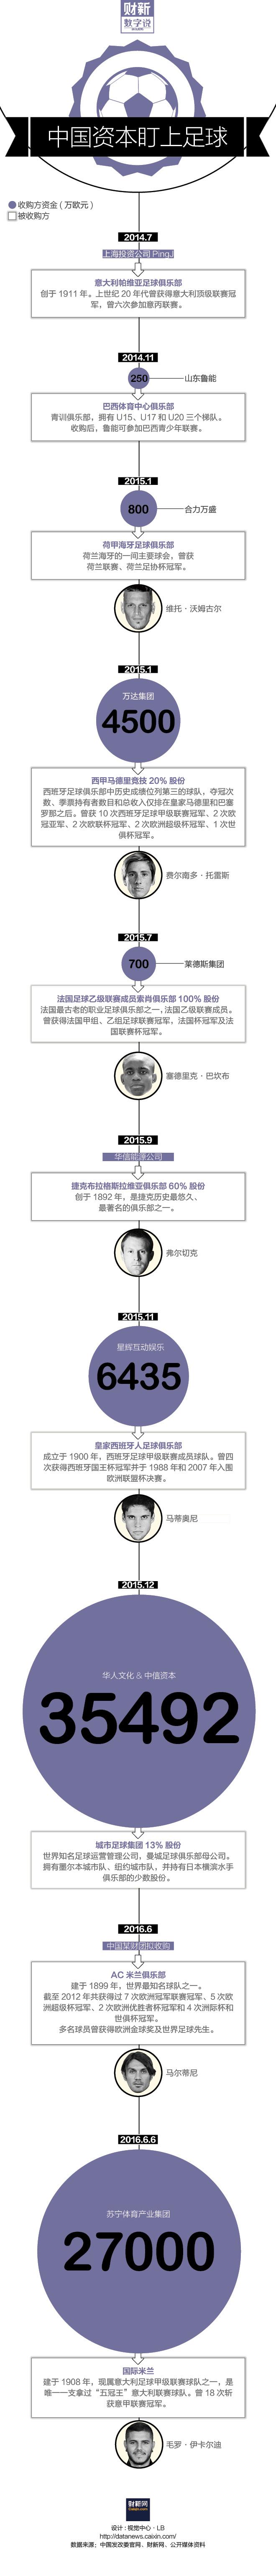 GIF快手电脑版下载_GIF快手电脑版下载三峡同城游戏中心,三峡同城游戏中心下载地址_百度知道快手最热的短视频社区,好玩的都在这儿。这是一个非常简单软件,可以让你用最快速的方式记录生活中有趣的瞬间。 GIF快手是北京一笑科技发展有限公司致力于为中国网民.